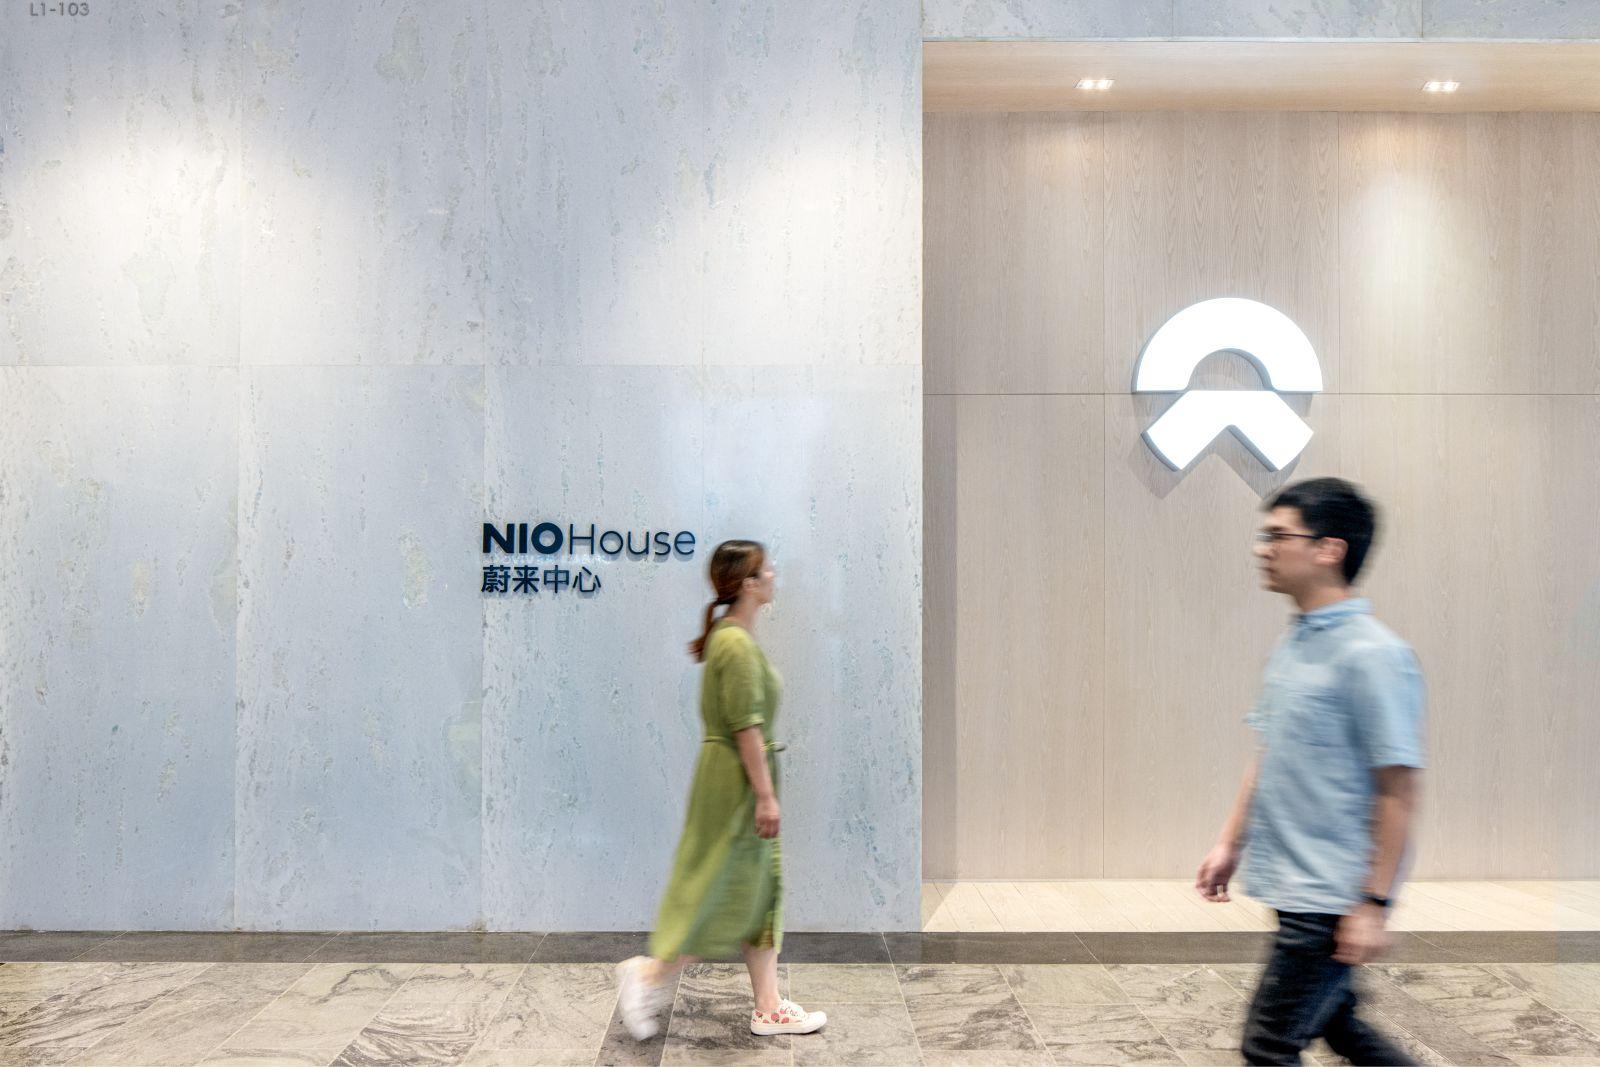 NIO House